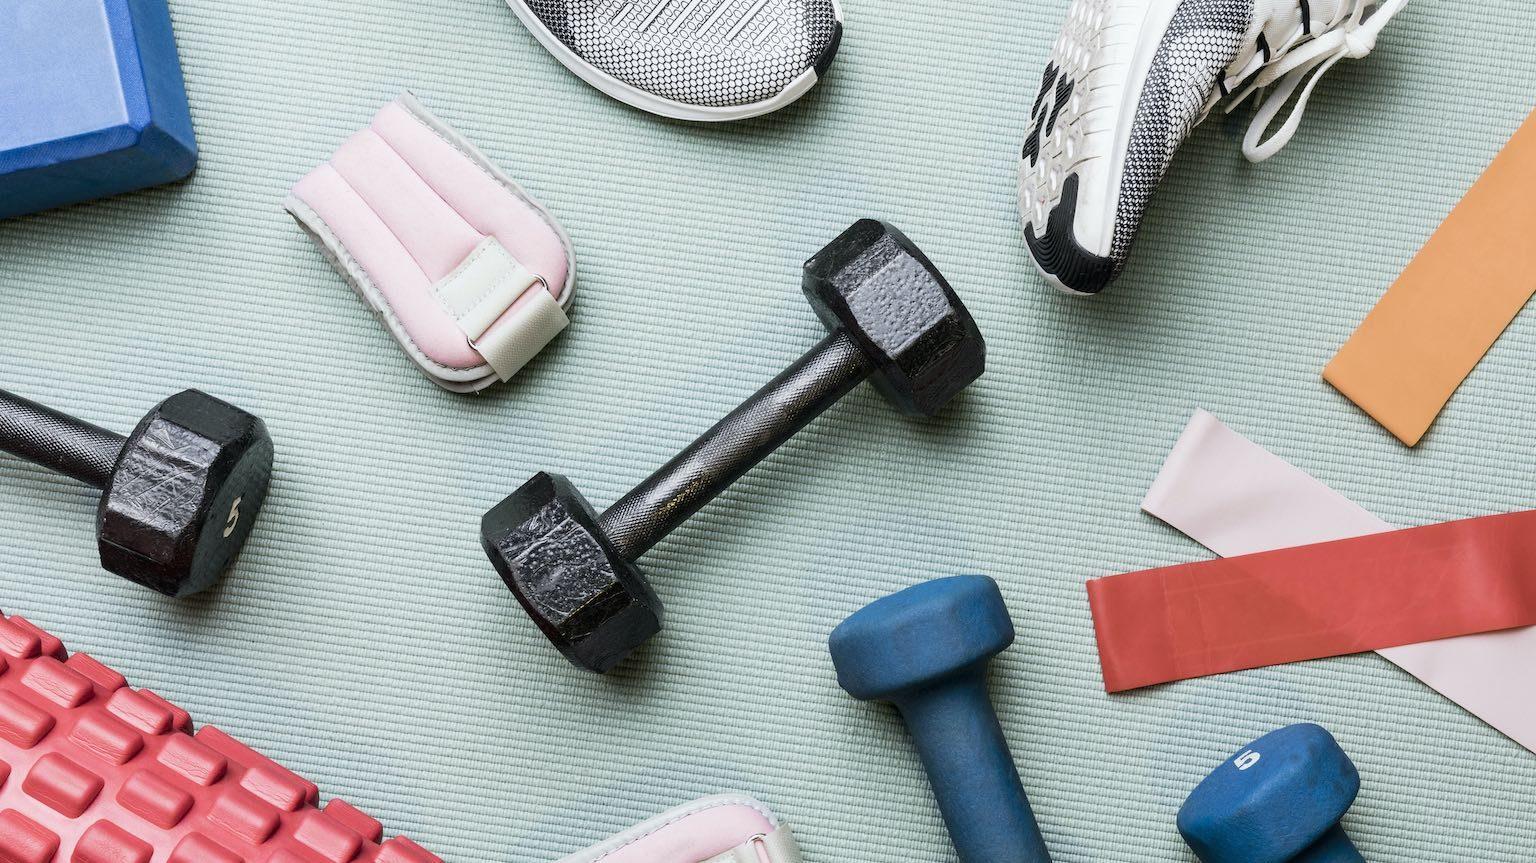 Dumbbells, resistance bands, foam roller on exercise mat.